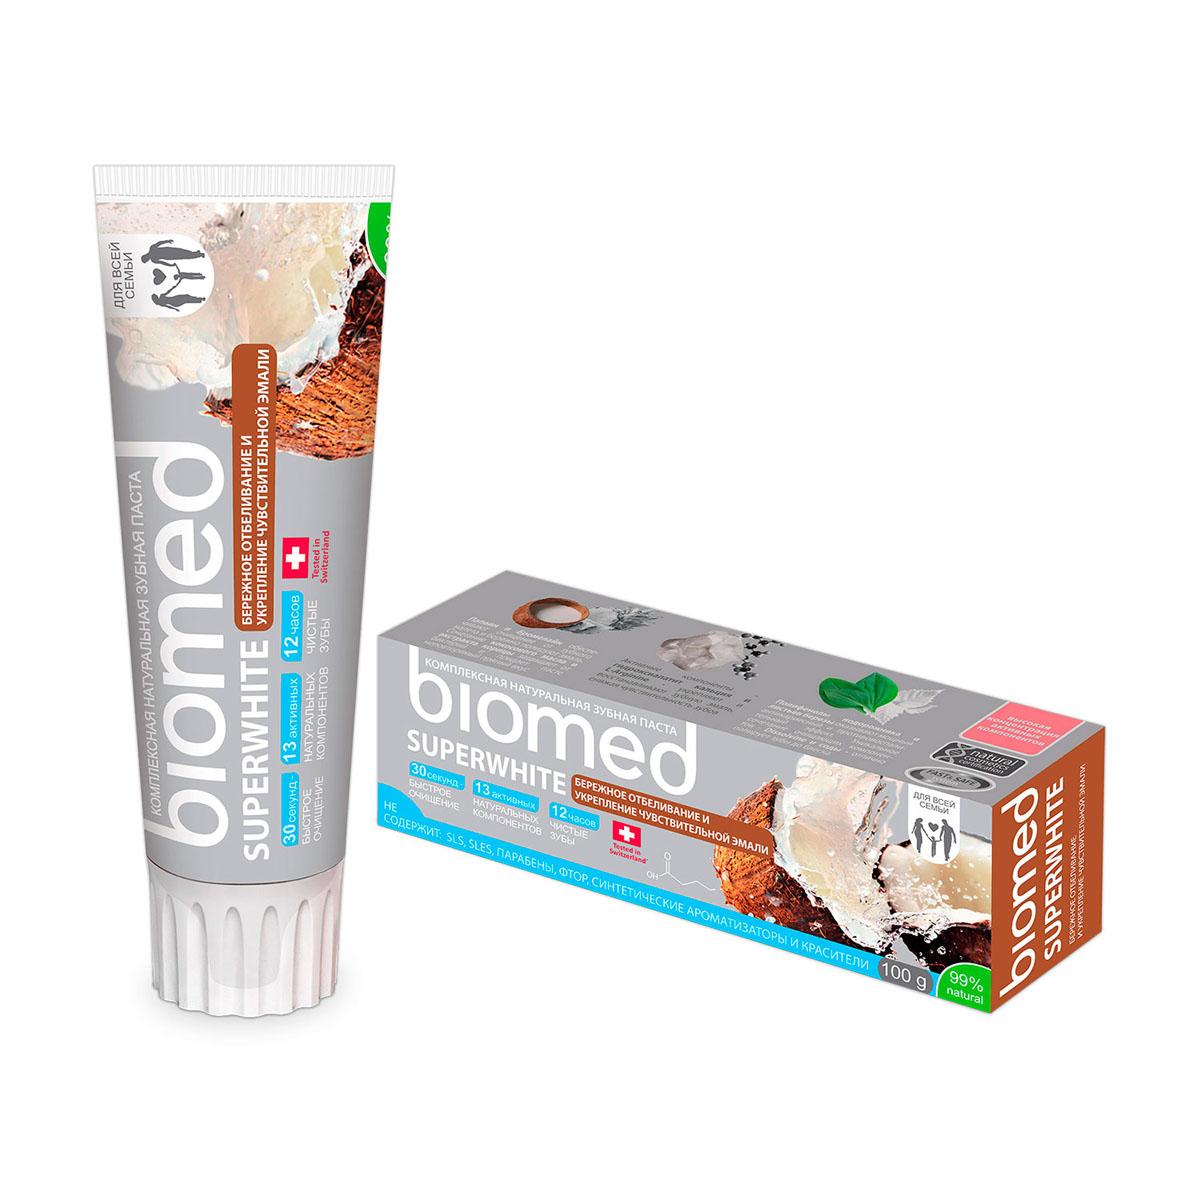 Biomed Зубная паста Superwhite / Супервайт, 100 гСУ-192Бережное отбеливание и укрепление чувствительной эмали с маслом кокоса. Особенности состава: Не содержит: SLS, фтор, хим. отбеливающие компоненты, синтетические ароматизаторы, красители и продукты животного происхождения..